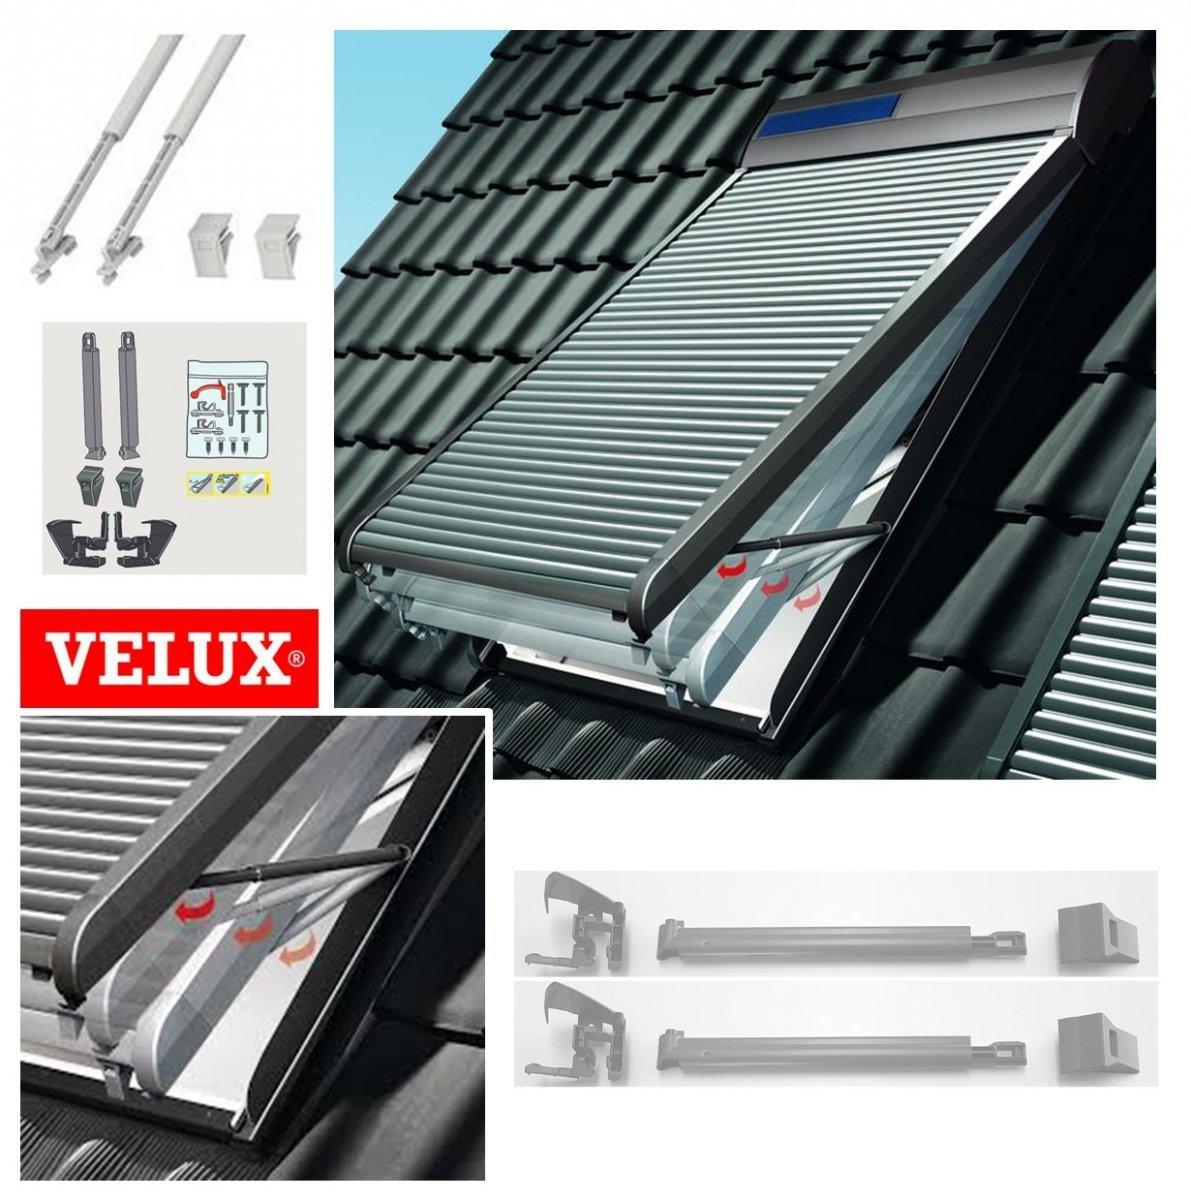 Fabulous ZOZ 217 Velux Rollladen-Ausstellarm für den Rollladen Velux 2 VM07